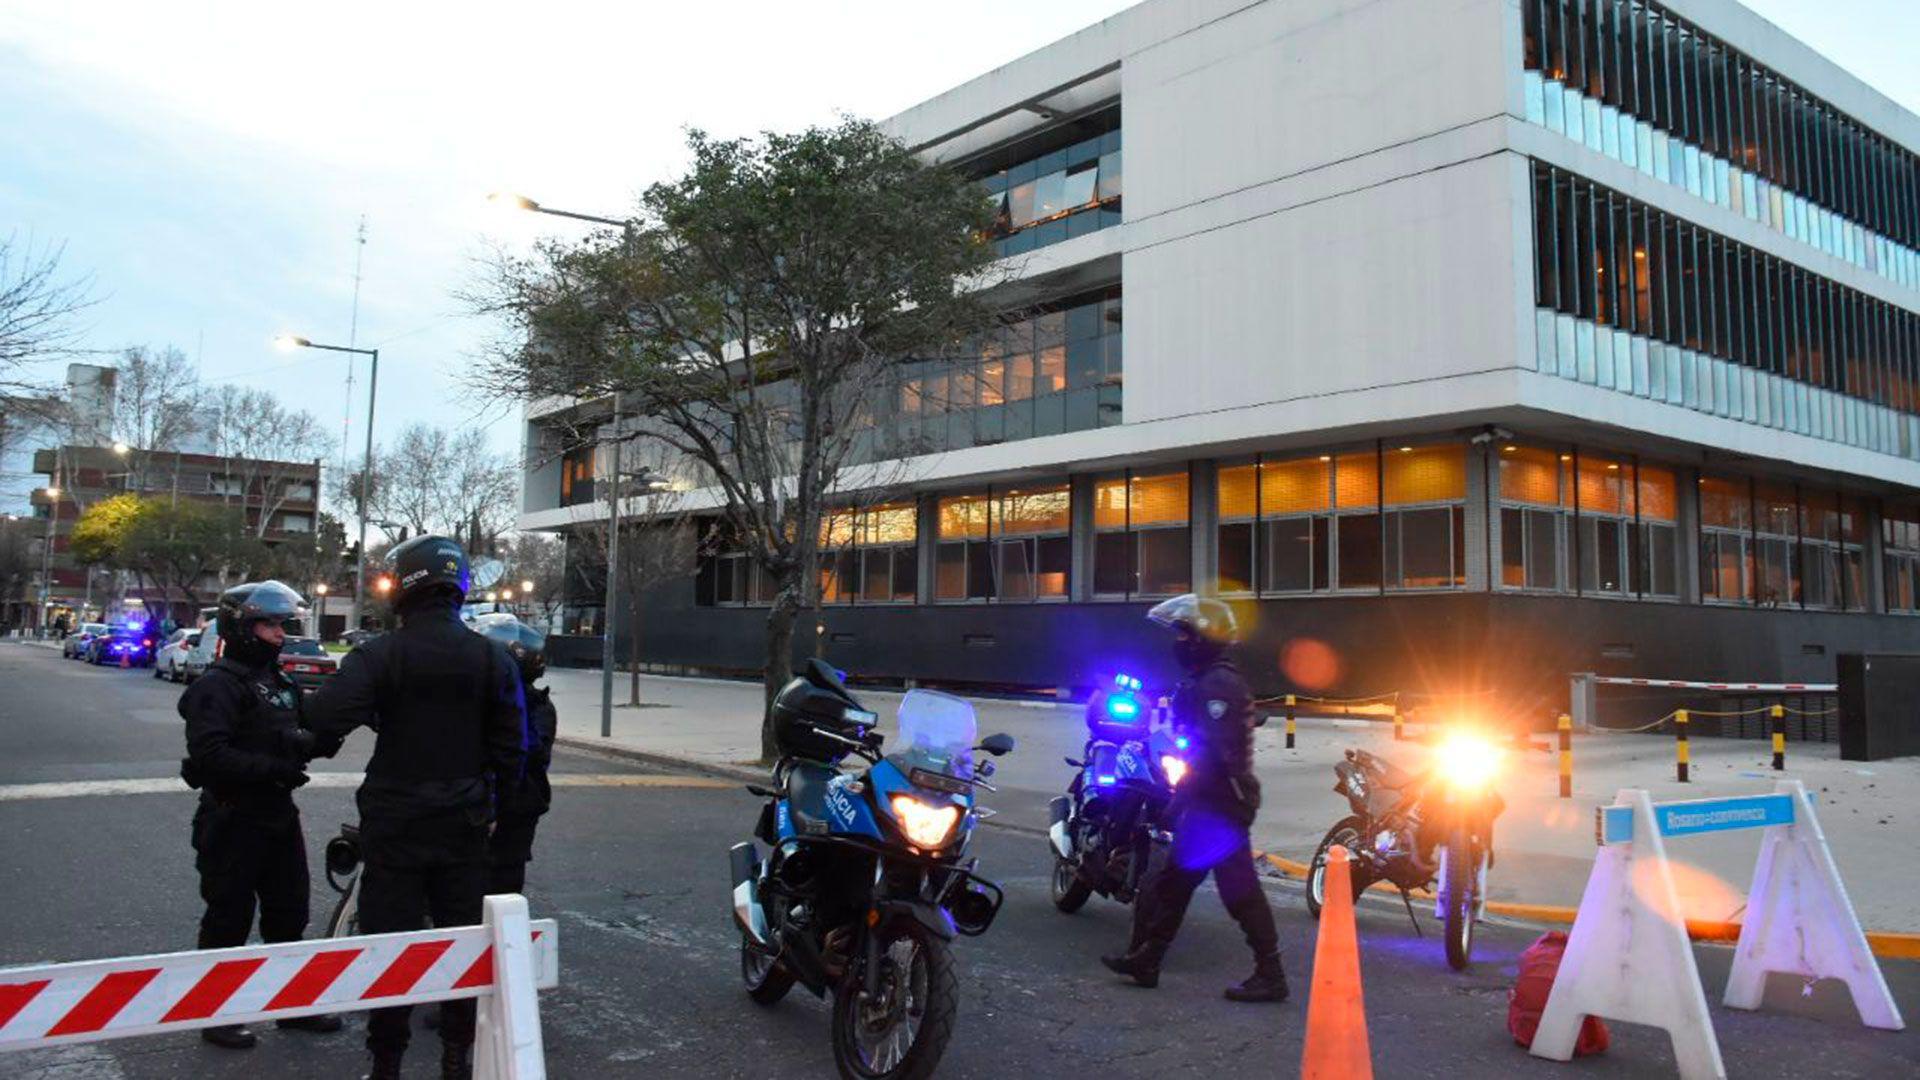 Comienzo de un nuevo juicio contra Los Monos, atacaron a balazos el Centro de Justicia Penal de Rosario